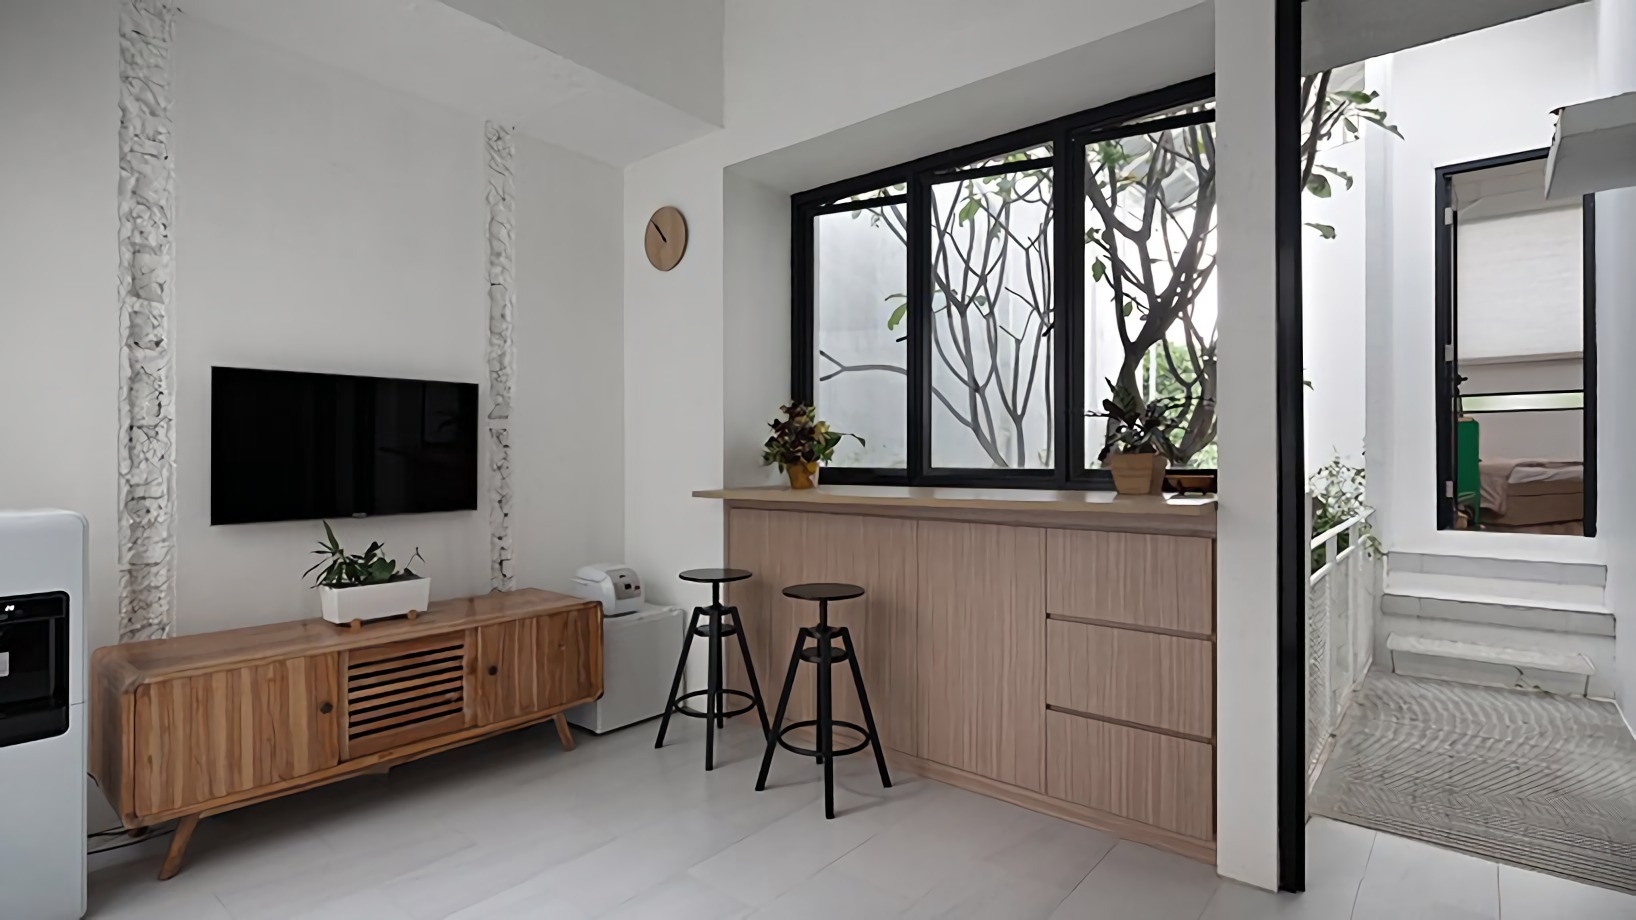 Tampilan minimalis modern dengan kursi stool bergaya industrial (Sumber: designboom.com)